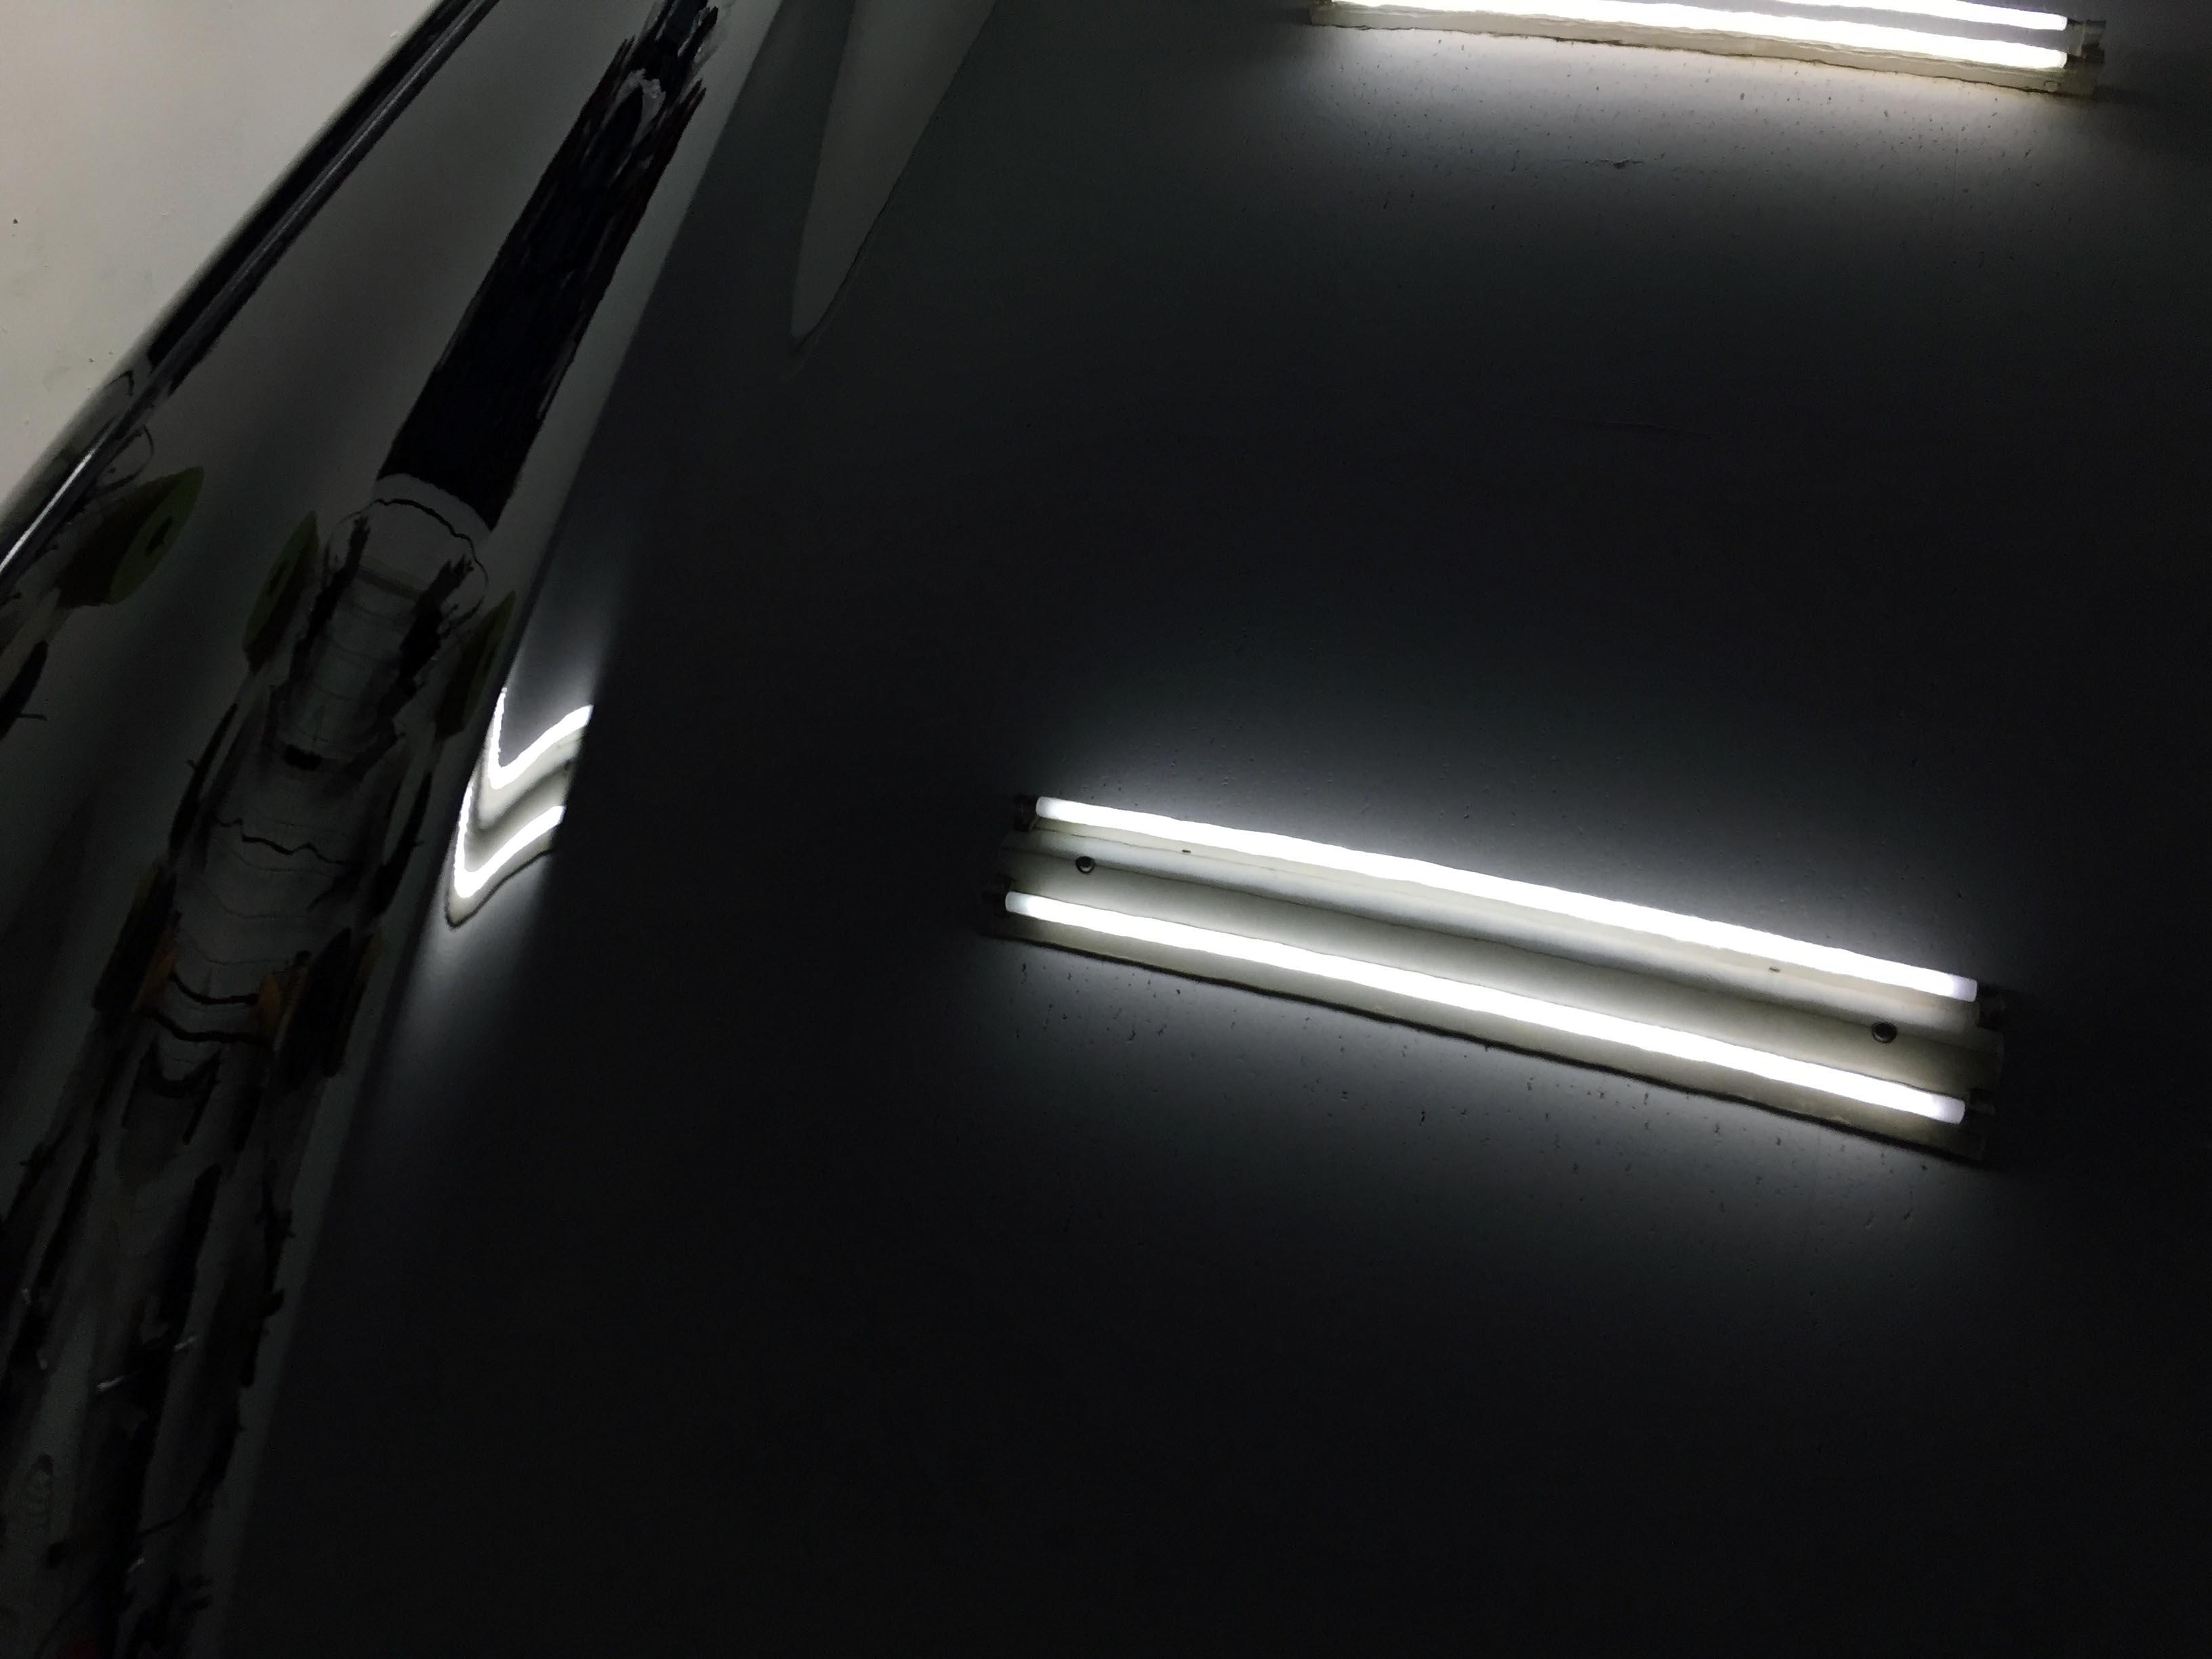 トヨタ30セルシオを磨き本来の艶に戻します